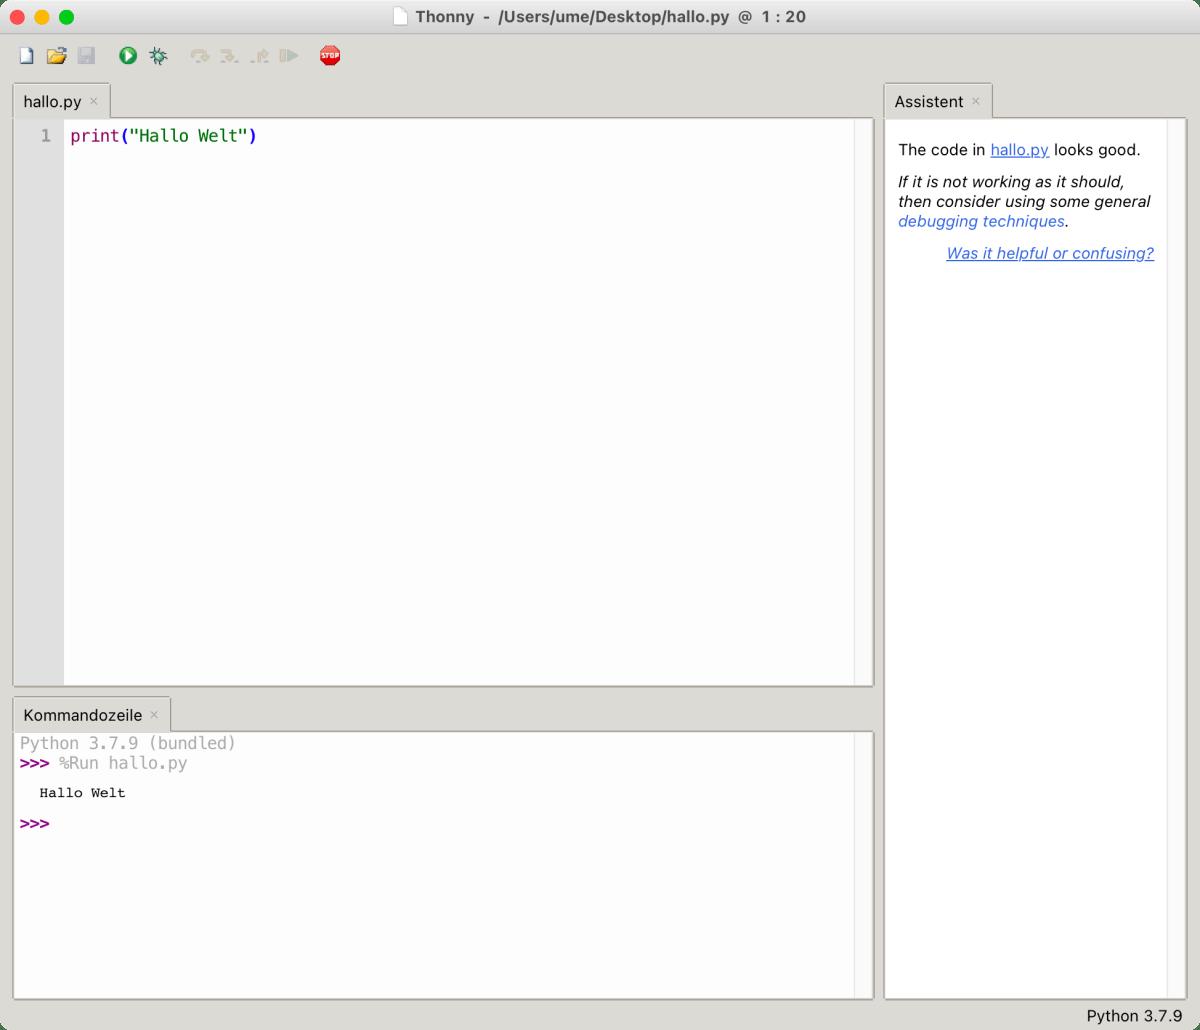 Thonny: Ideale IDE für den Einstieg in die Python-Programmierung